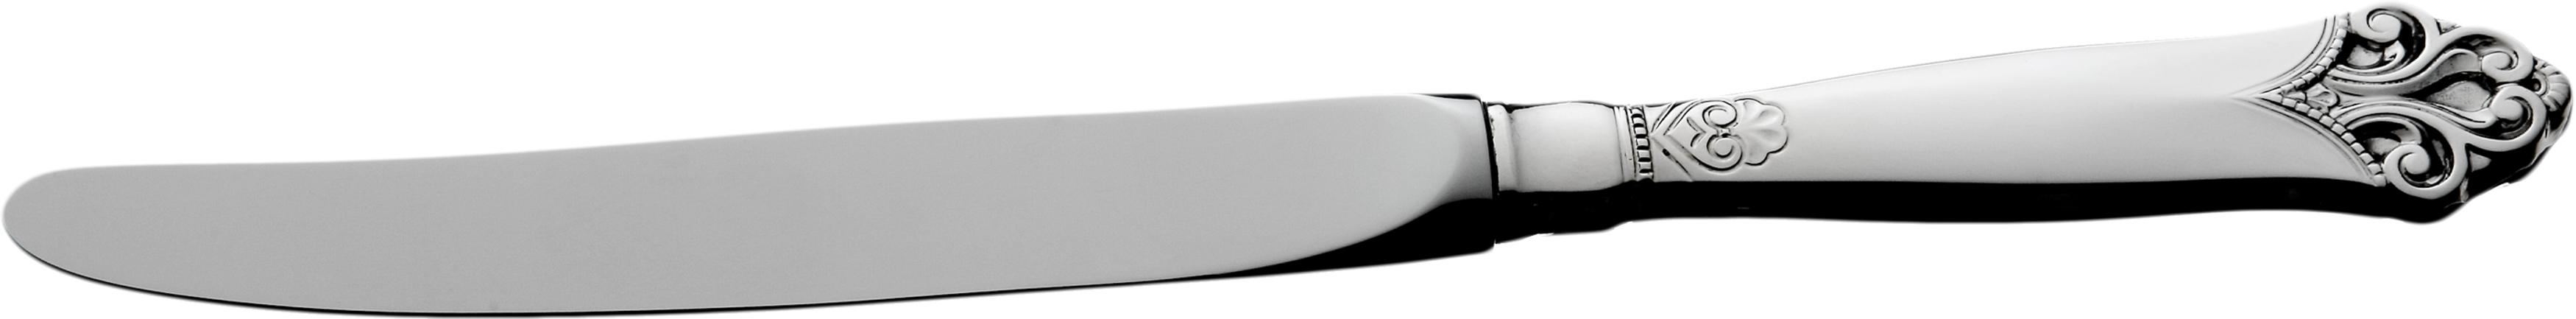 Liten spisekniv, Lillemor sølvbestikk